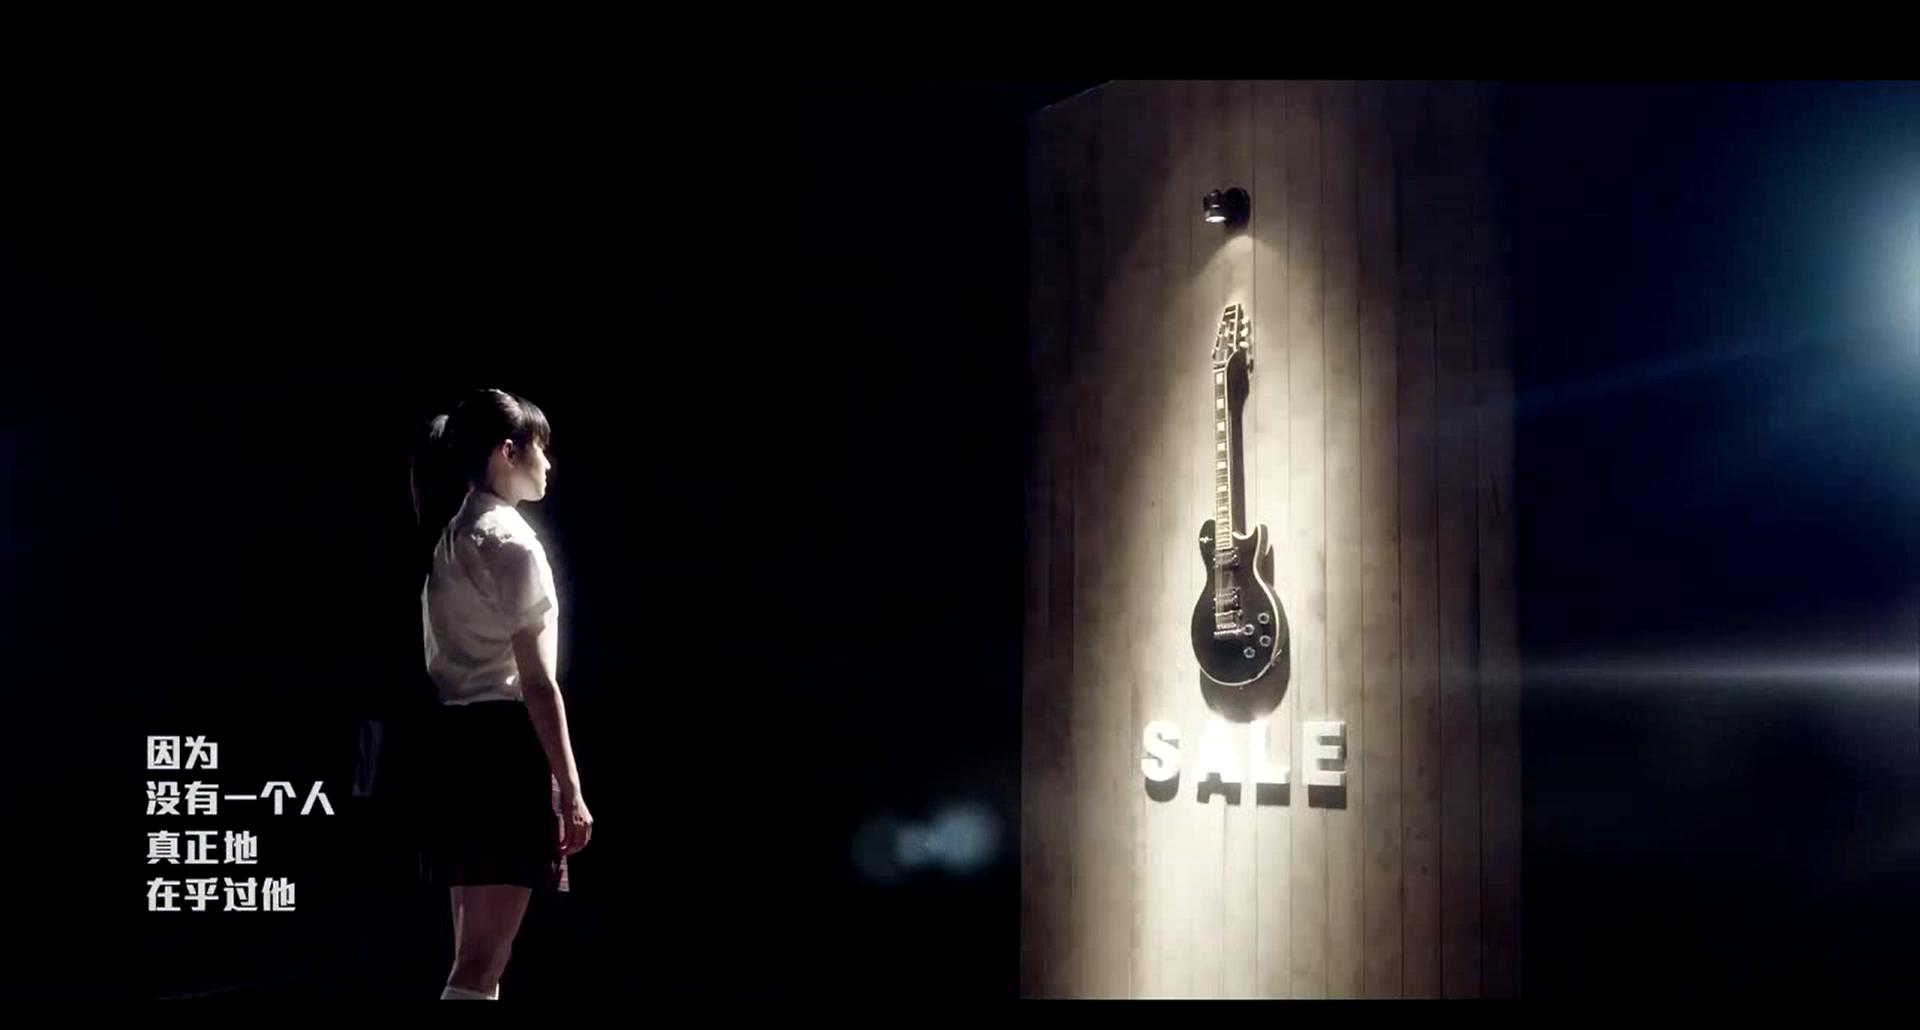 #一加#东南《不将就》MV高清无码视频下载